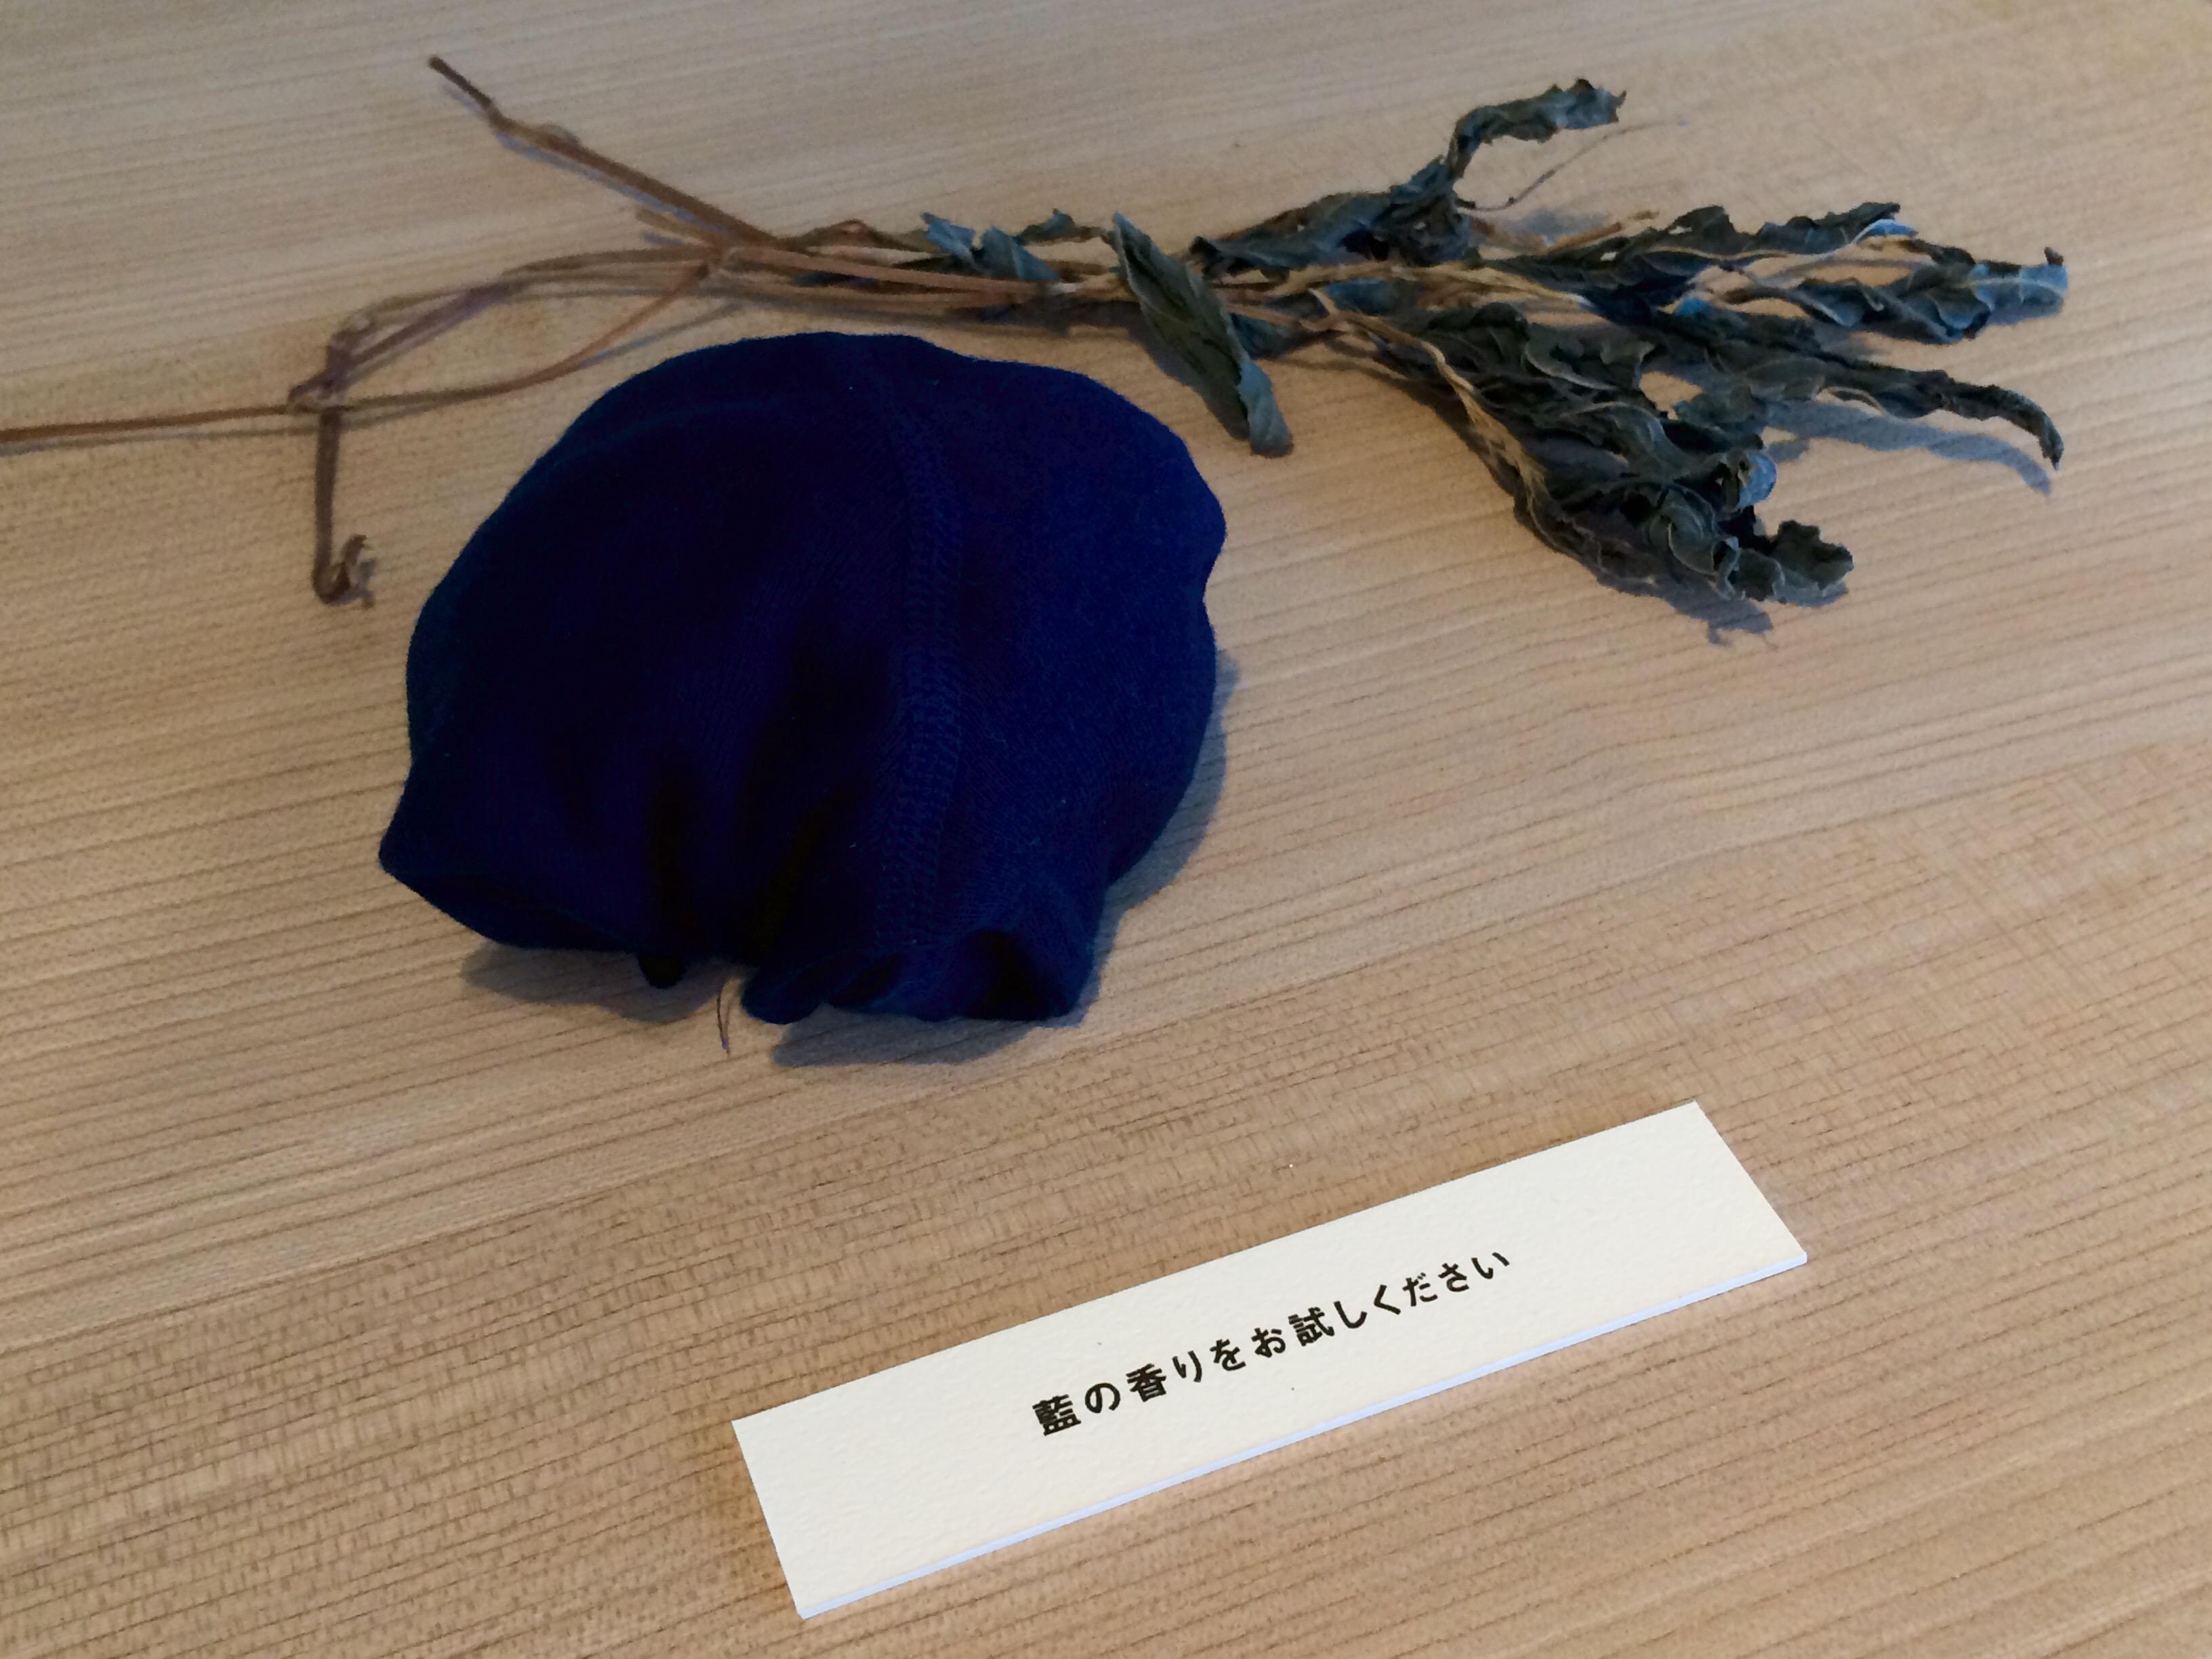 『aeru meguro』 徳島県から 本藍染の 出産祝いセット展